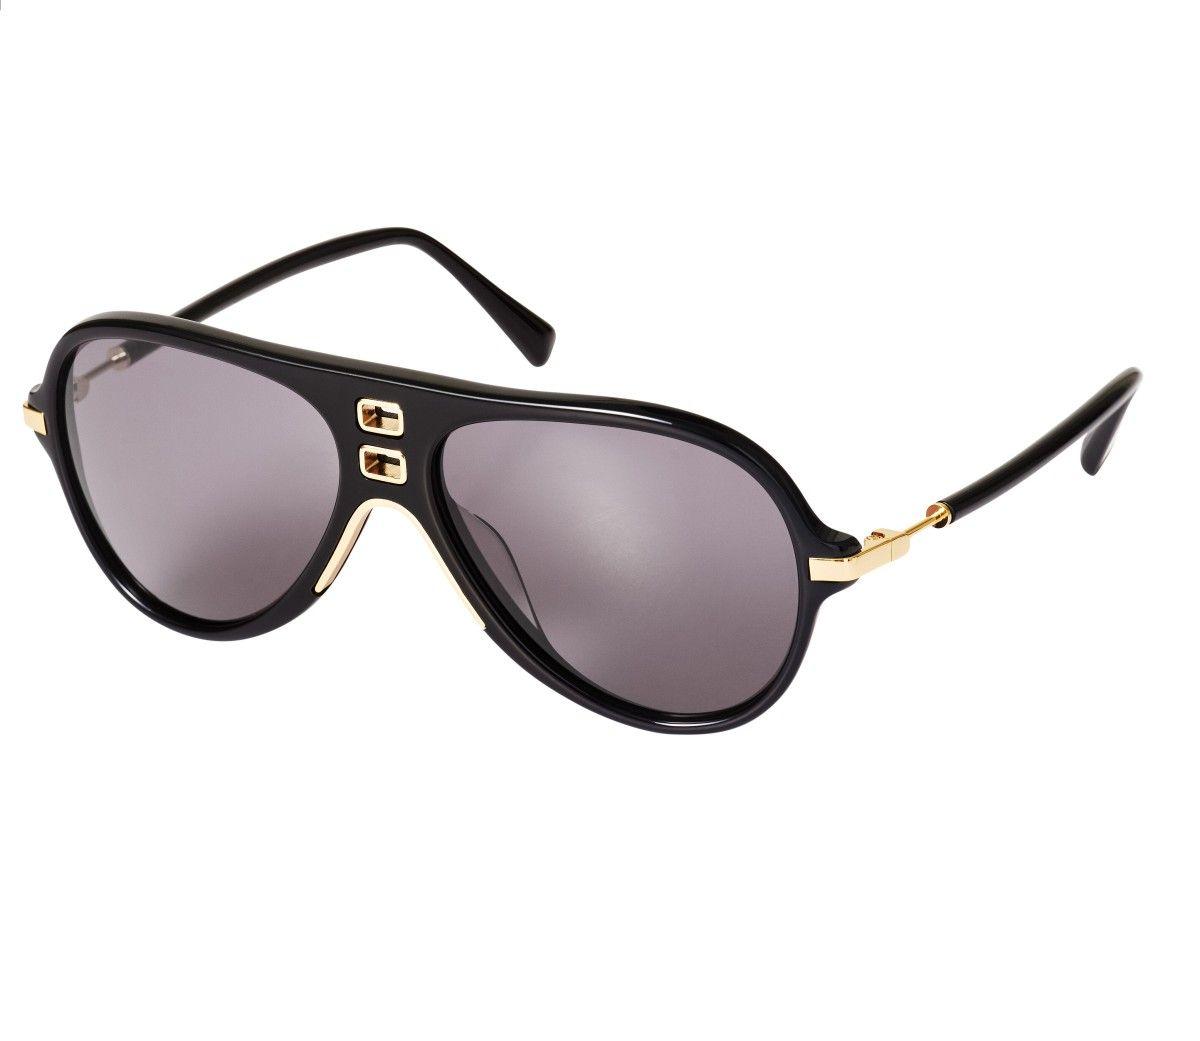 Gafas de sol - TELVA.COM | Gafas de sol, Gafas y Sol